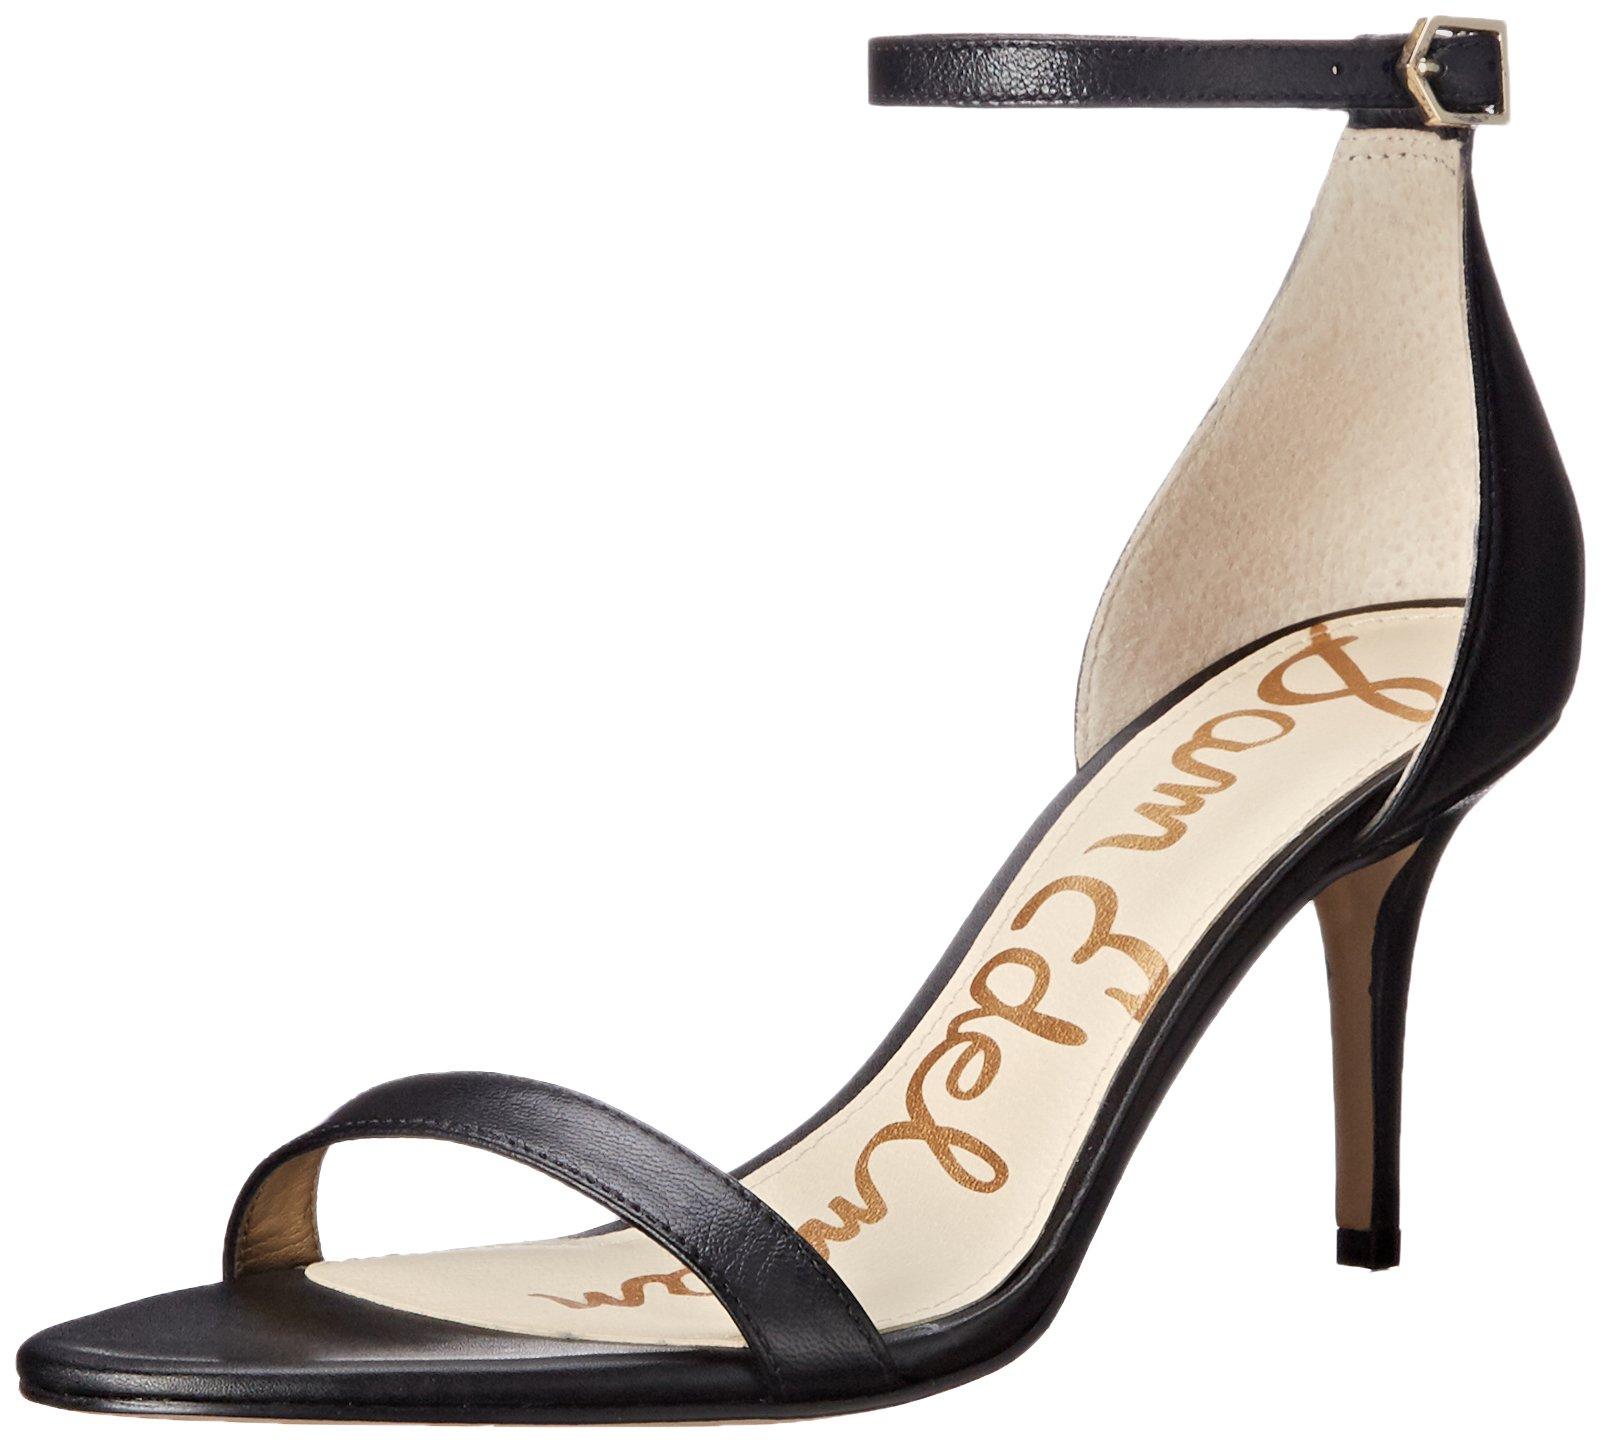 Sam Edelman Women's Patti Dress Sandal, Black Leather, 8.5 M US